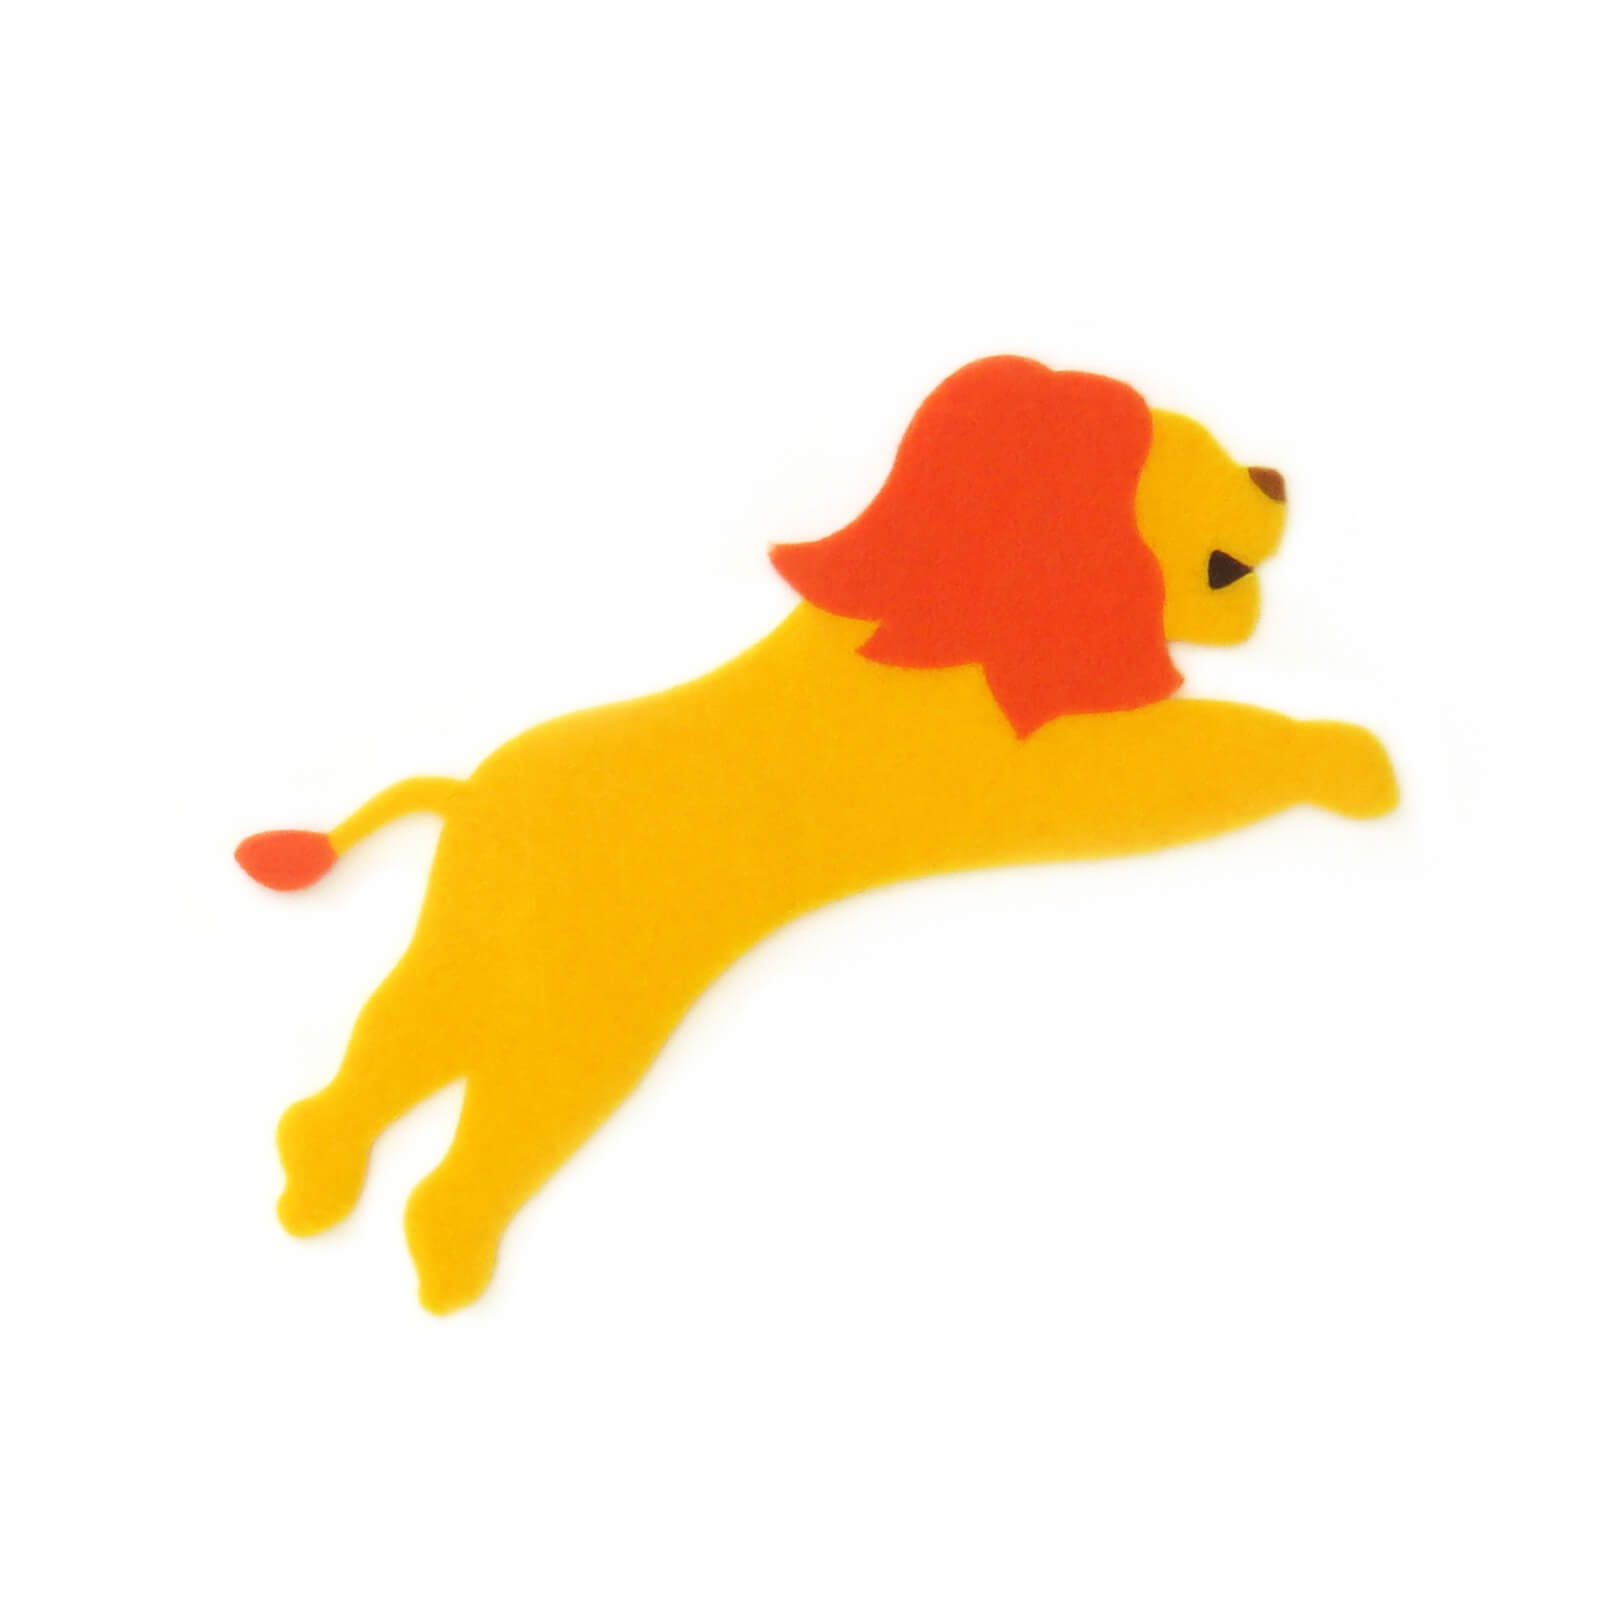 ライオンのアップリケ(ワッペン)